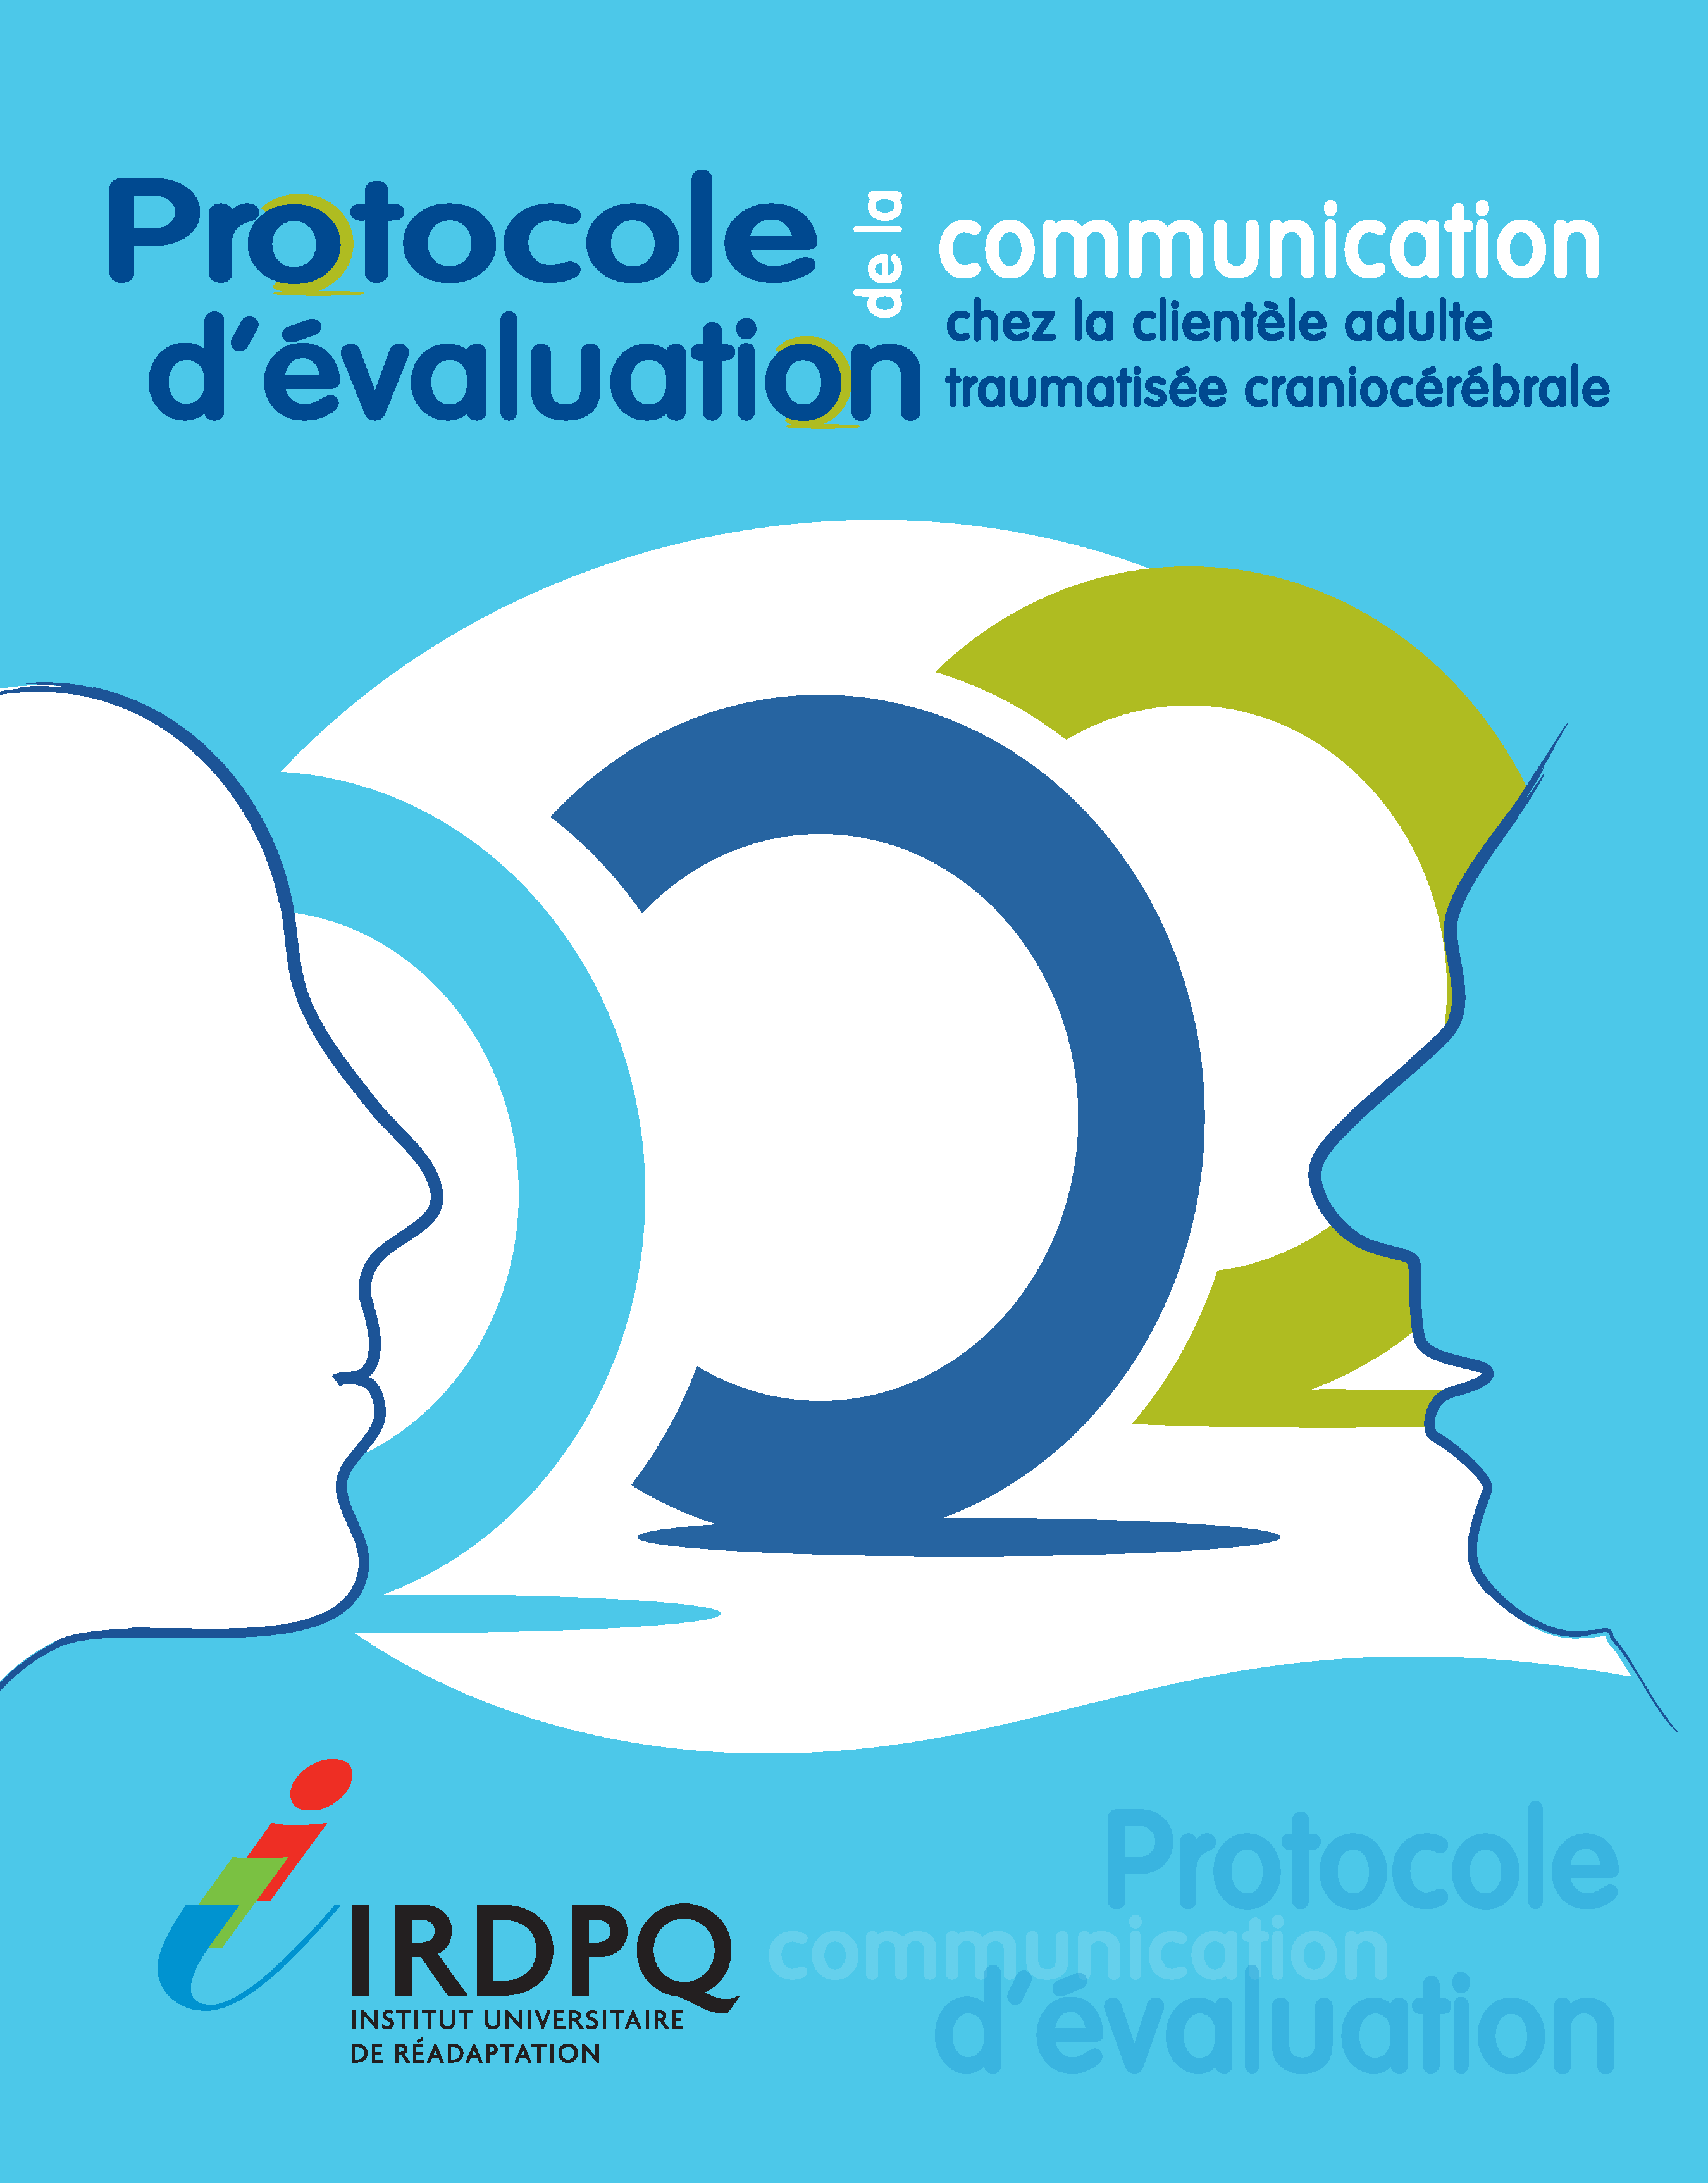 Protocole d'évaluation